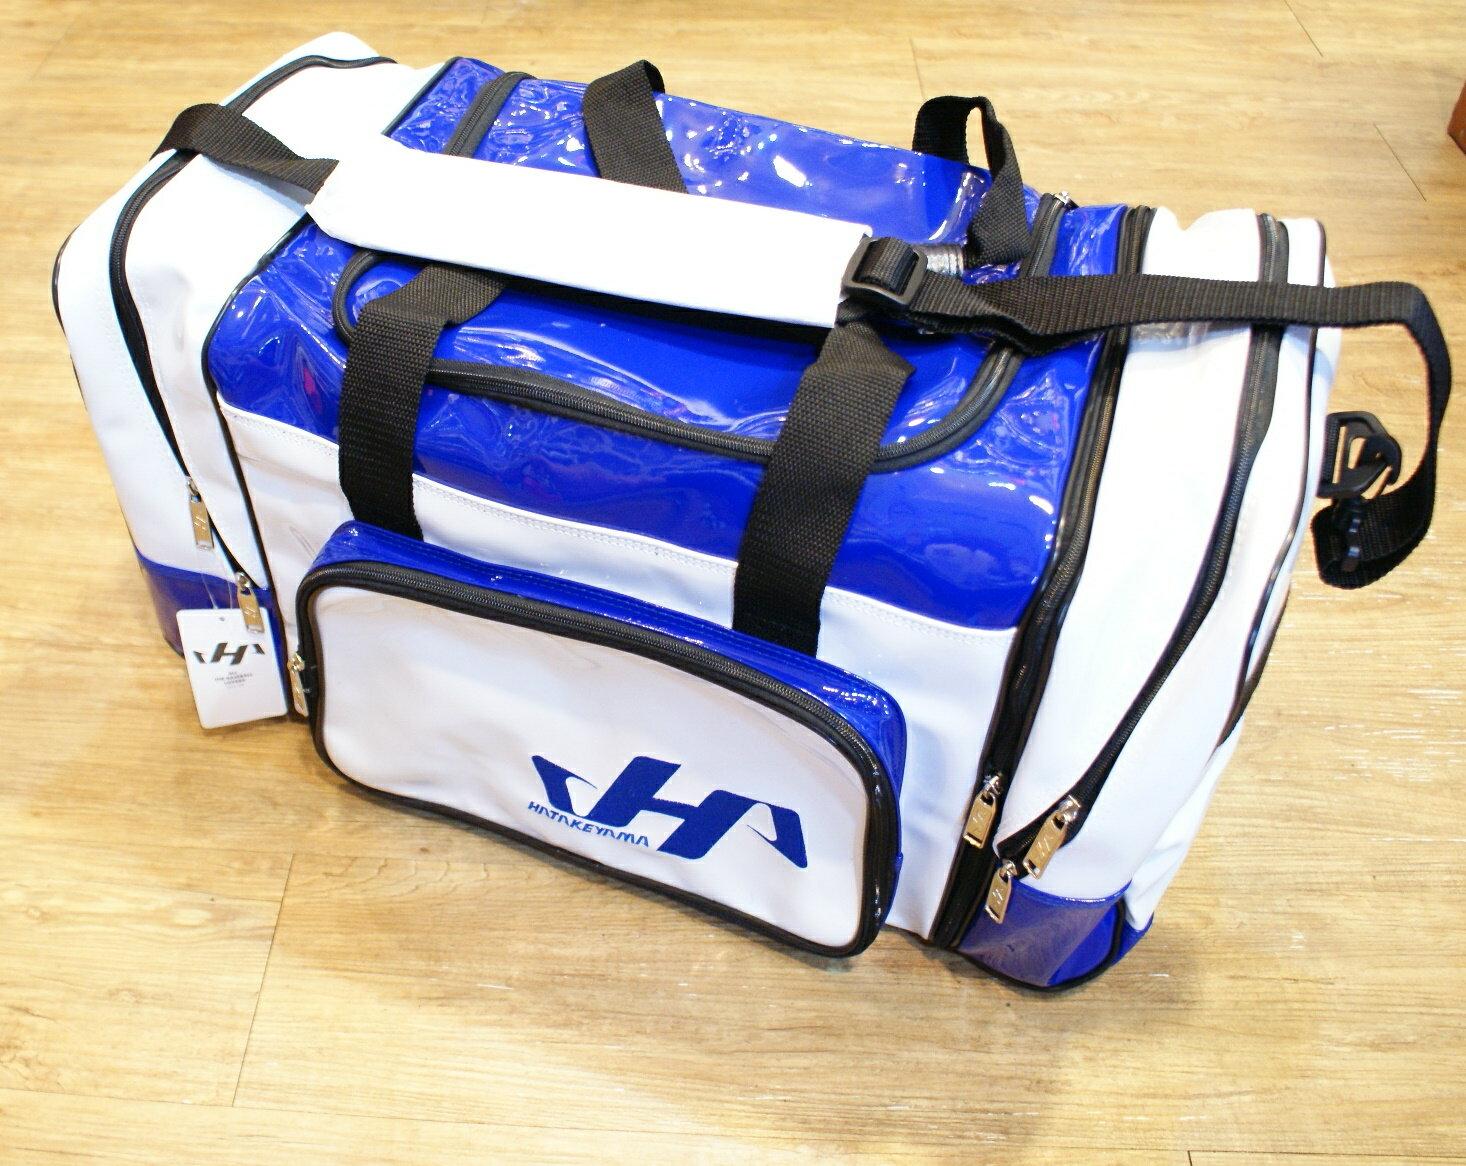 棒球世界 全新HATAKEYAMA配色大型遠征袋/特價  白藍配色款 特價